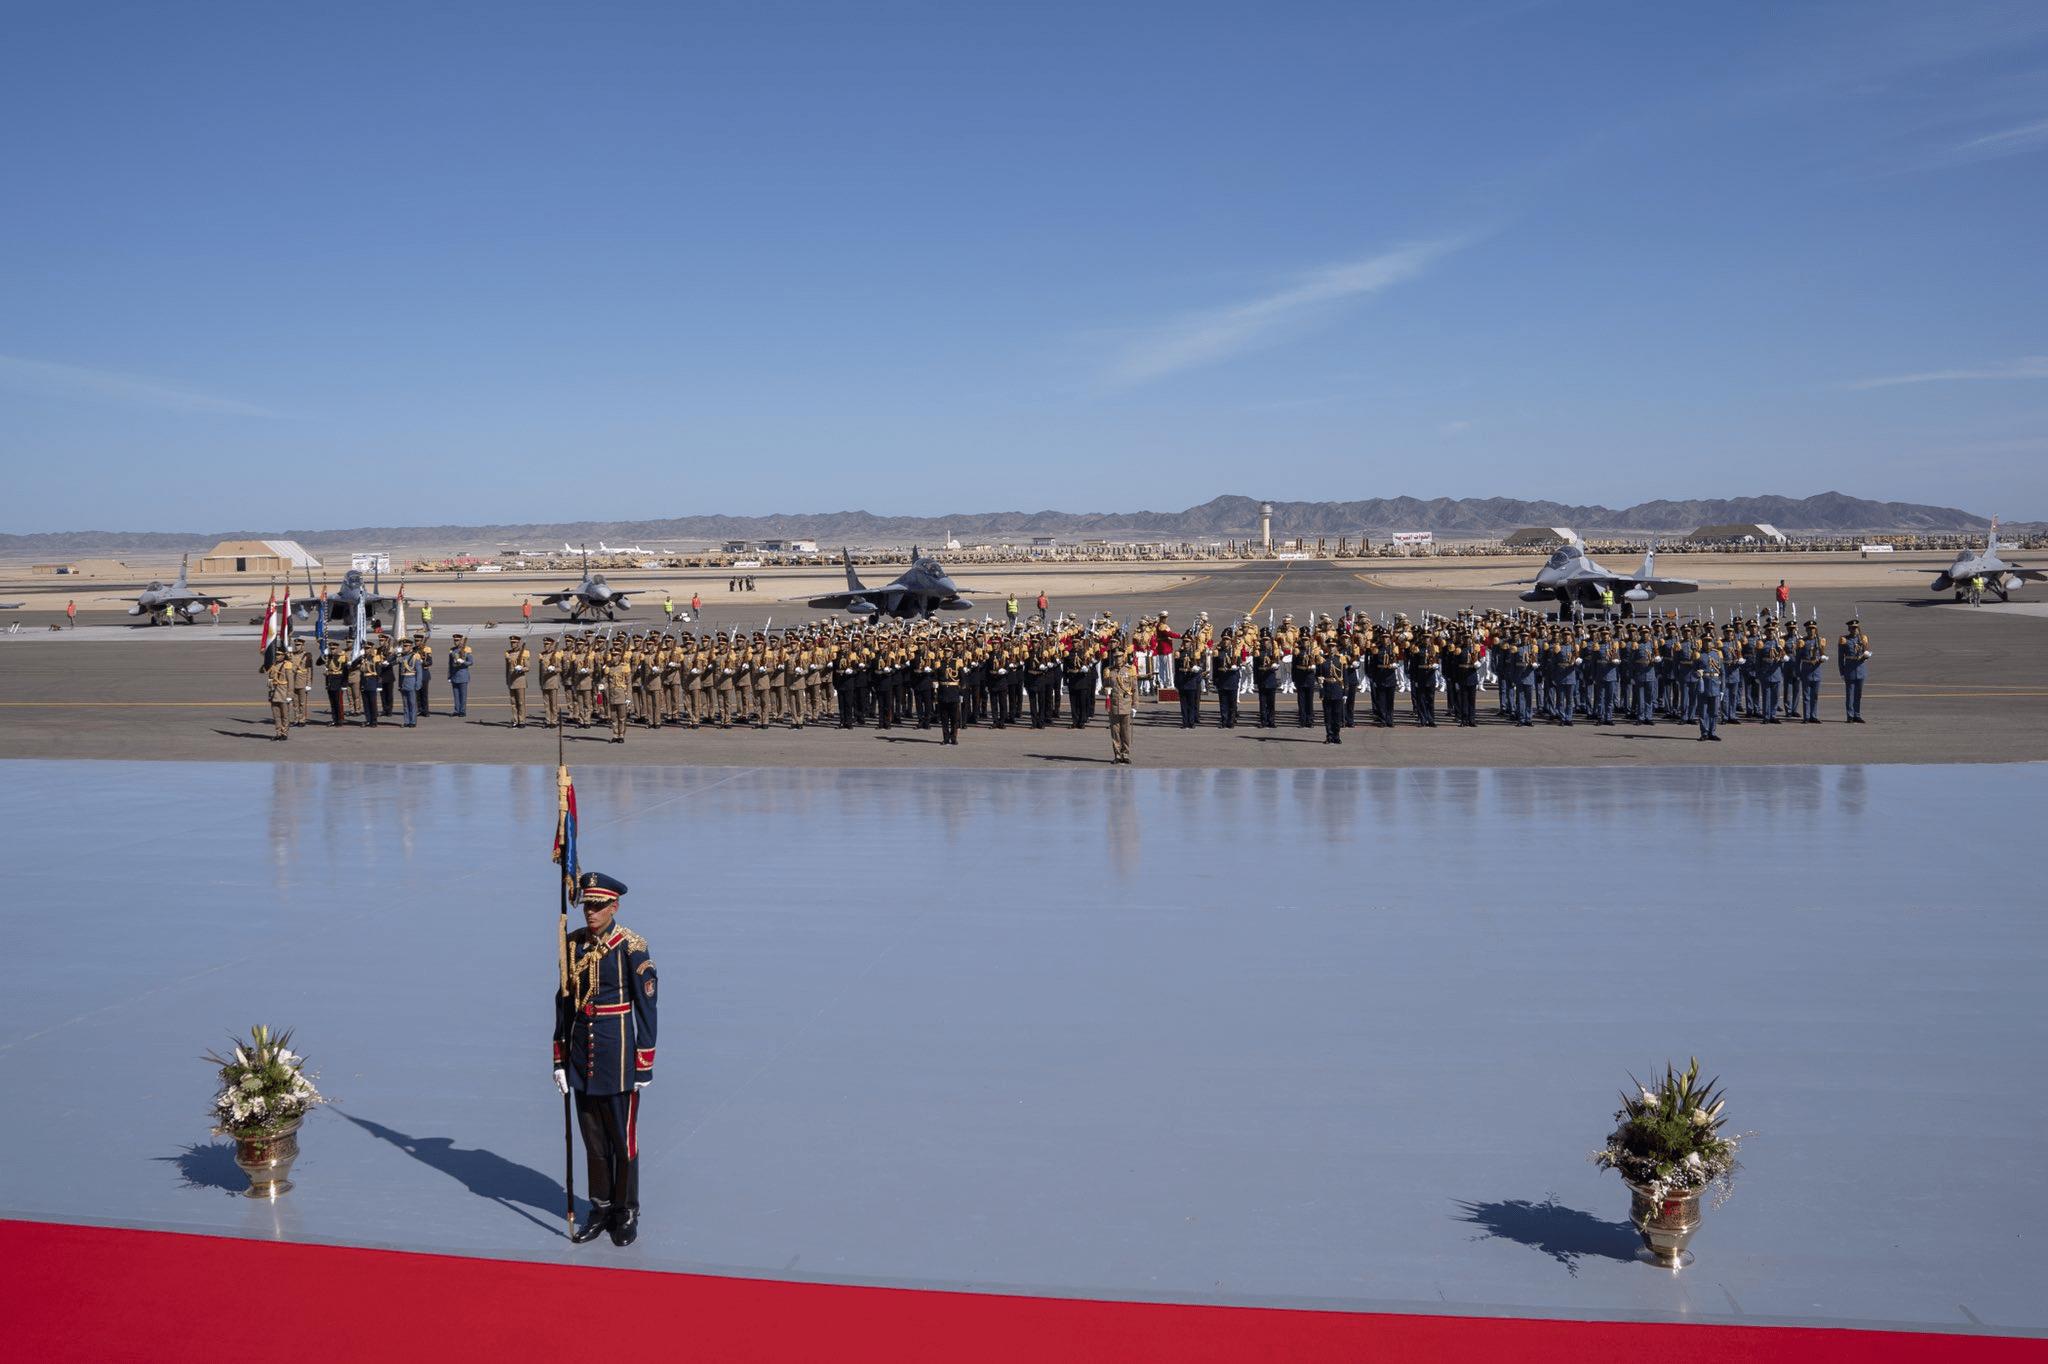 Ο Σίσι εγκαινίασε τη μεγαλύτερη στρατιωτική βάση στην Ερυθρά Θάλασσα